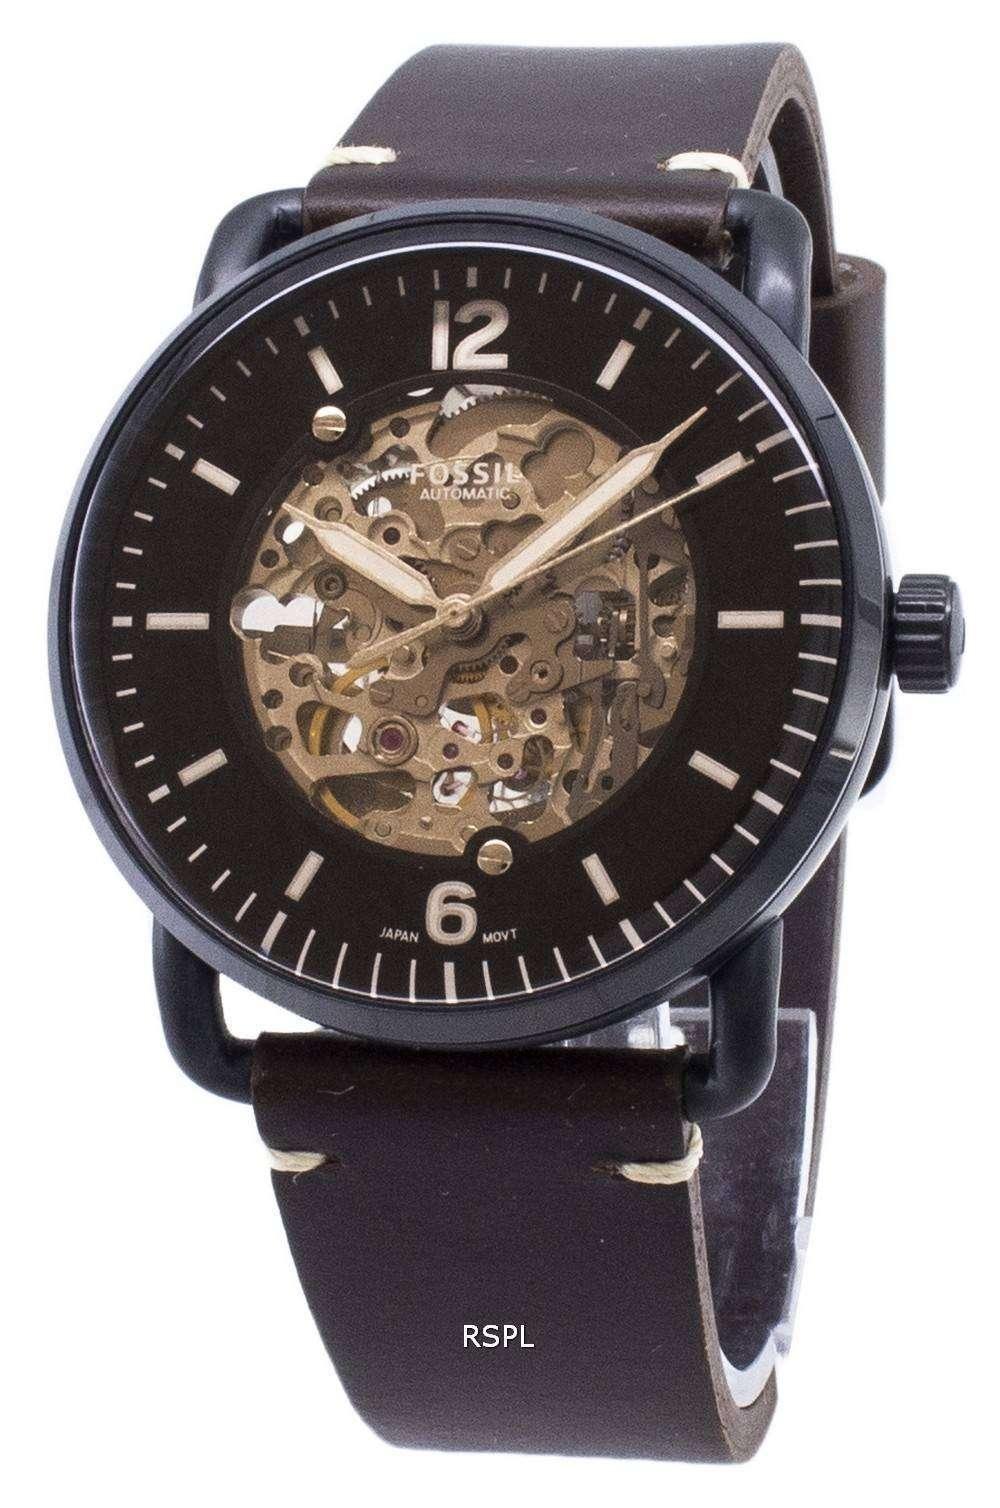 化石通勤 ME3158 自動アナログ メンズ腕時計腕時計